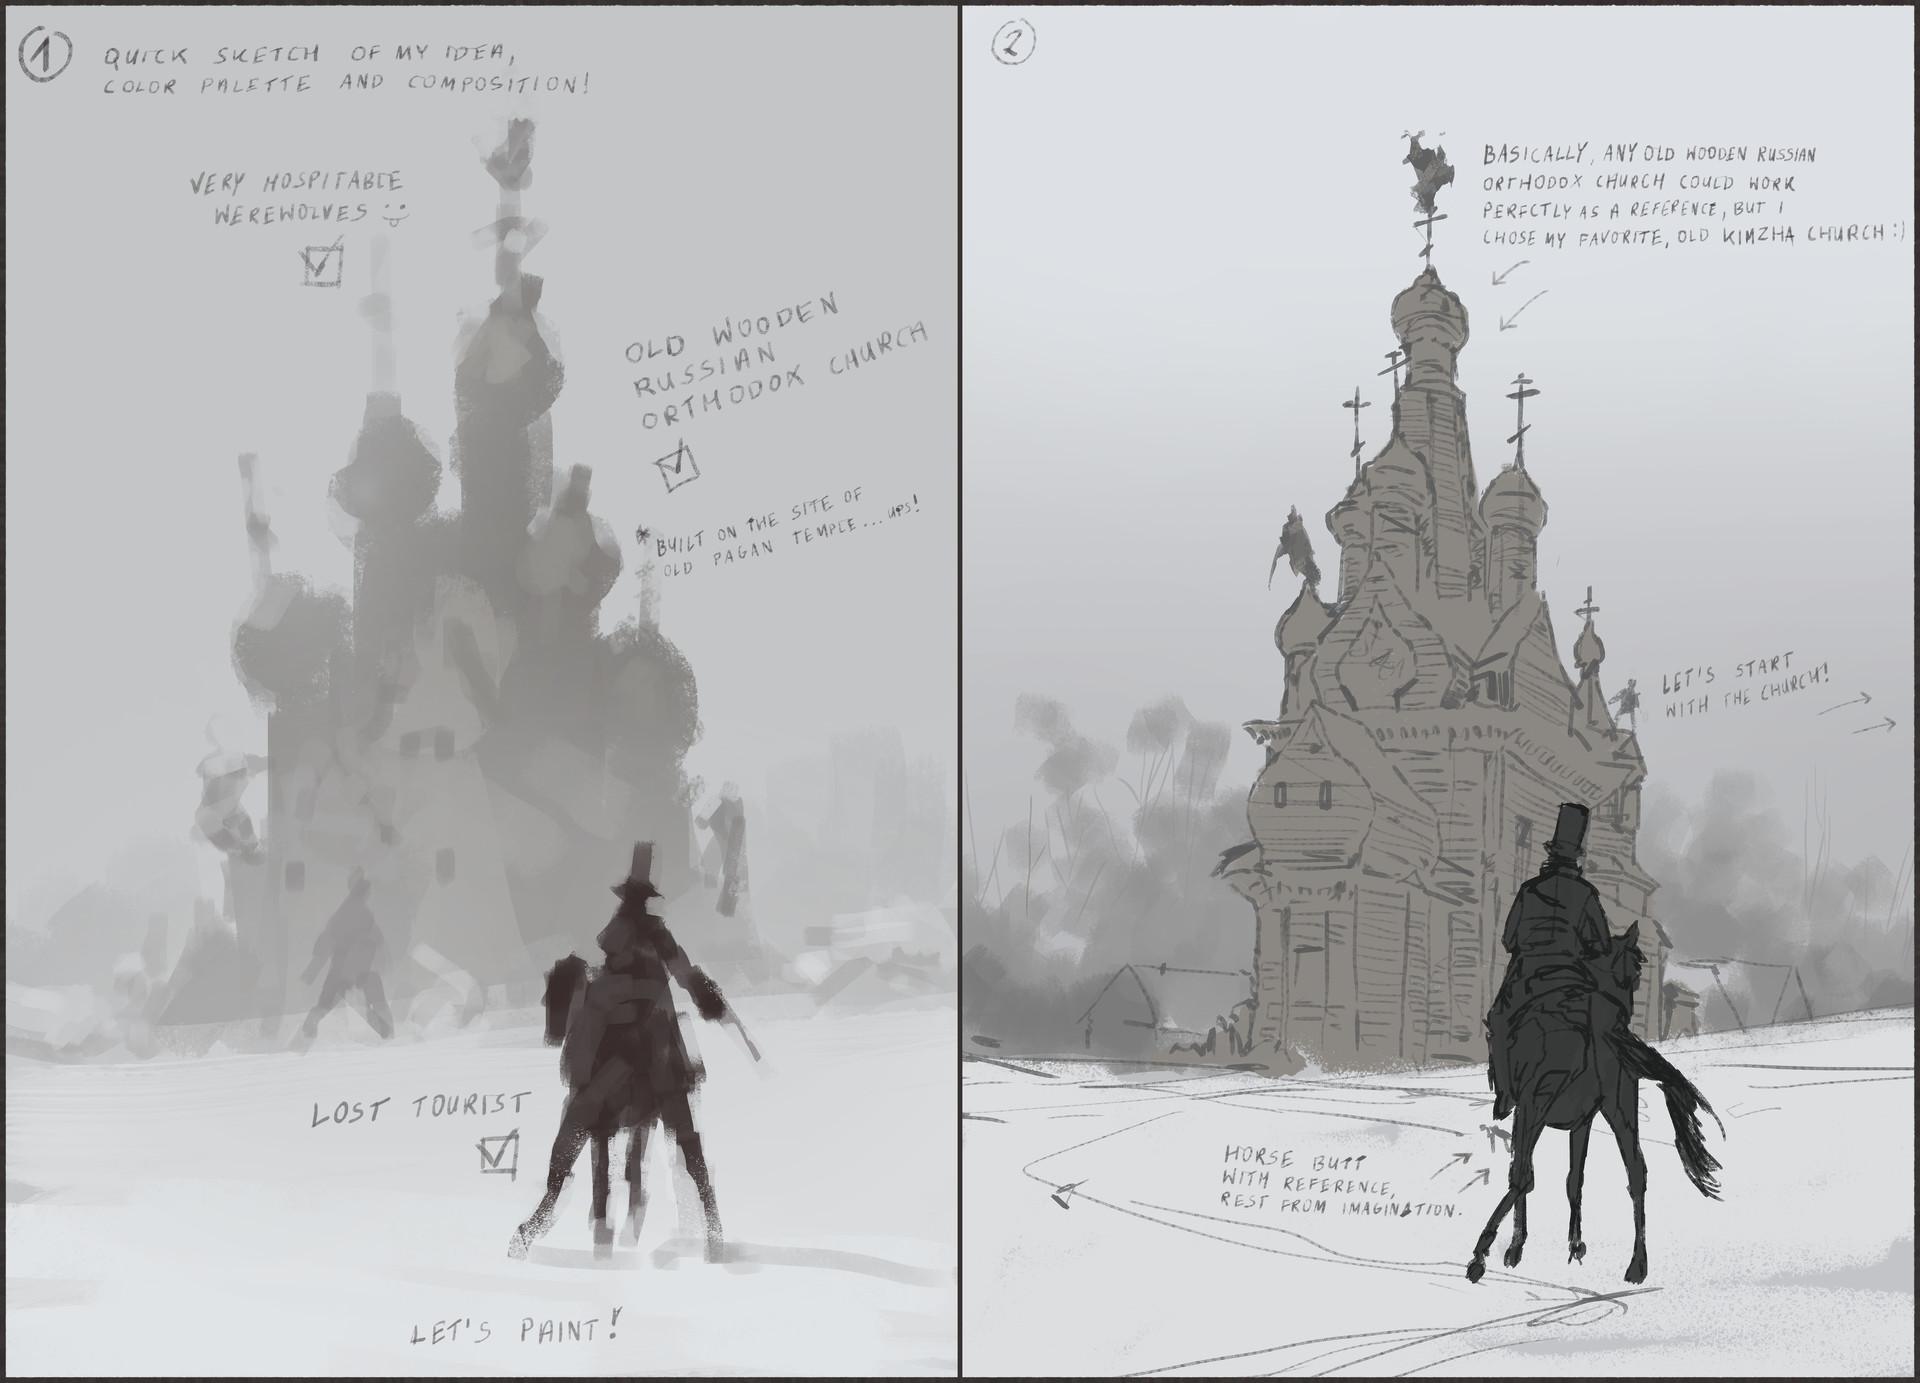 Jakub rozalski unholy land werewolf01process01